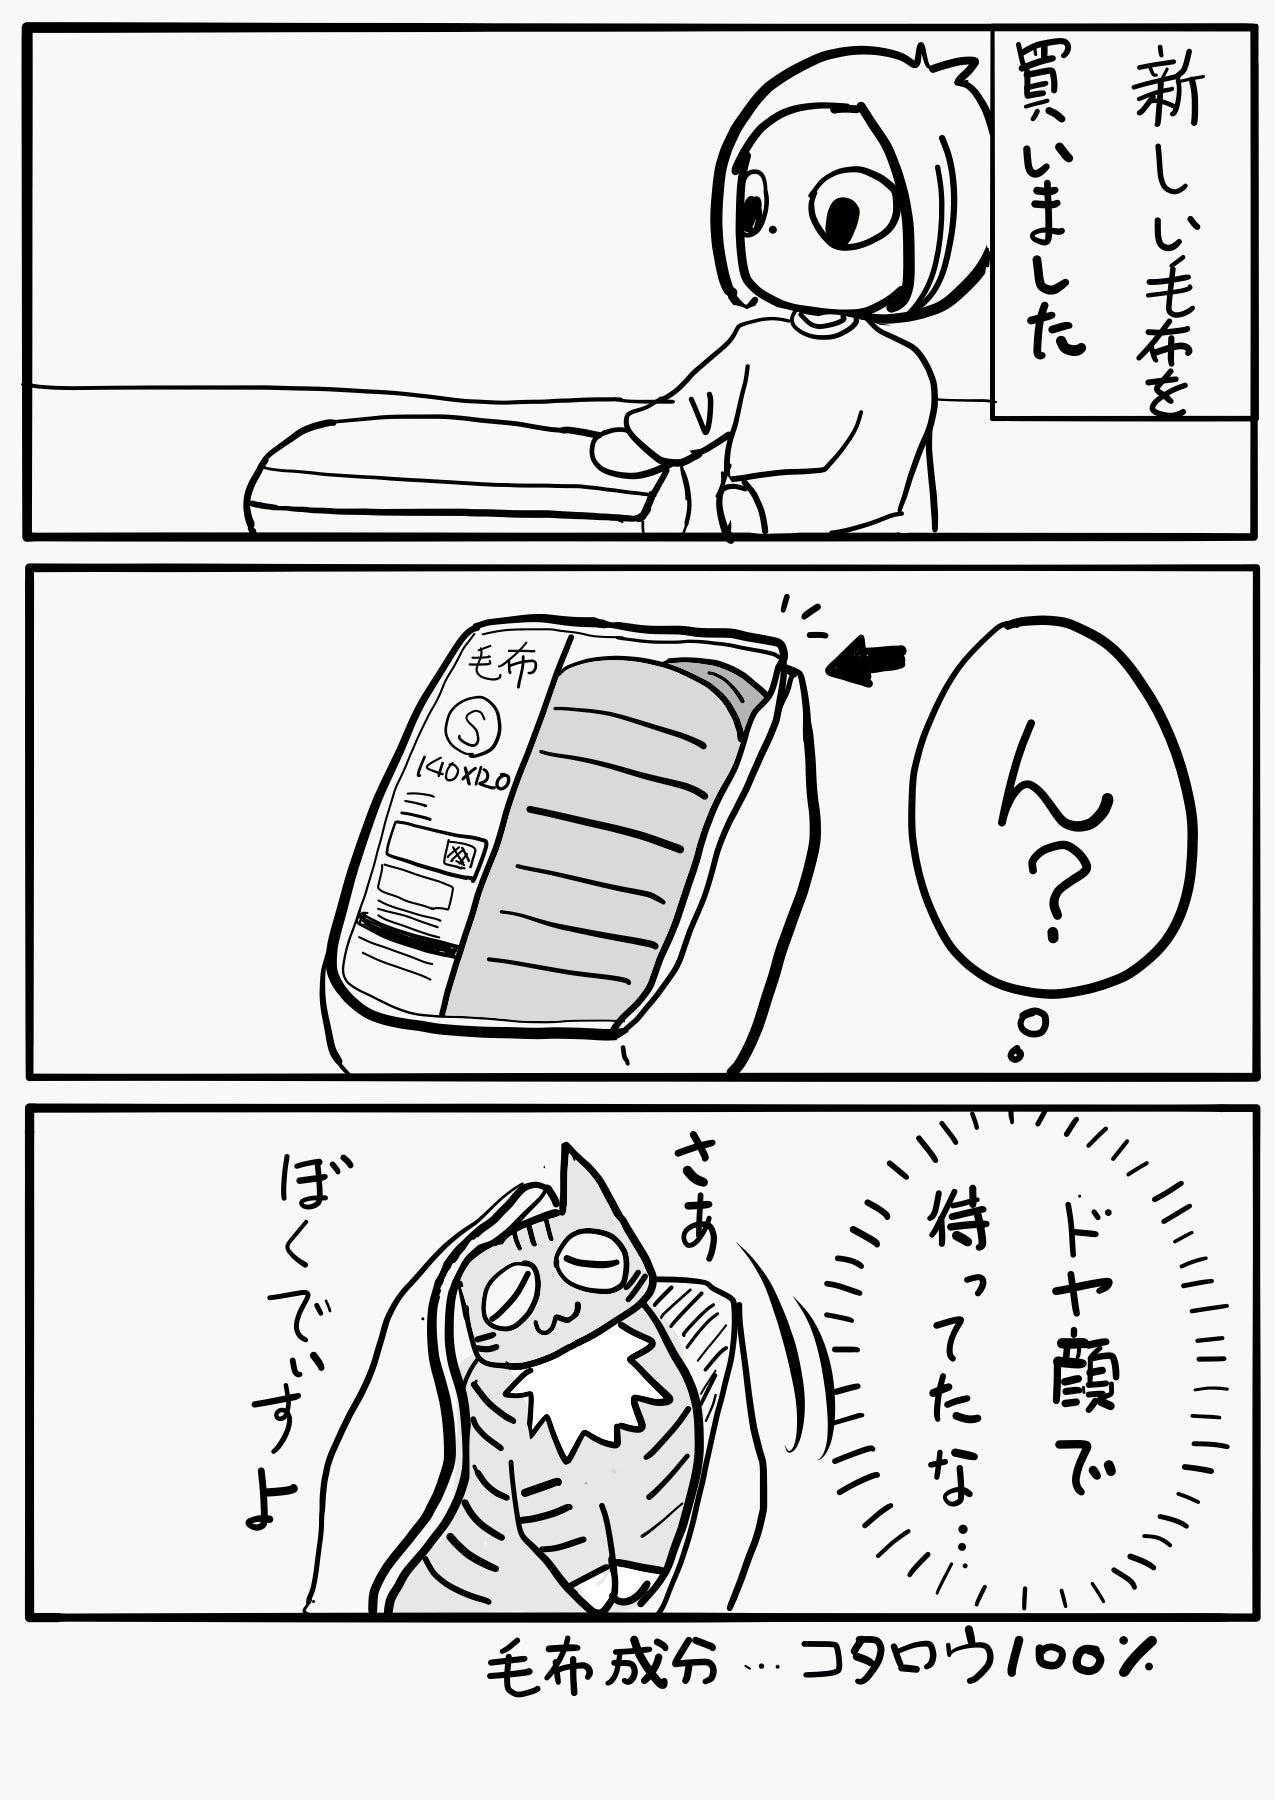 乱積み部屋Twitterの「それなり猫マンガ」2019年12月から描いたものまとめ('ω')